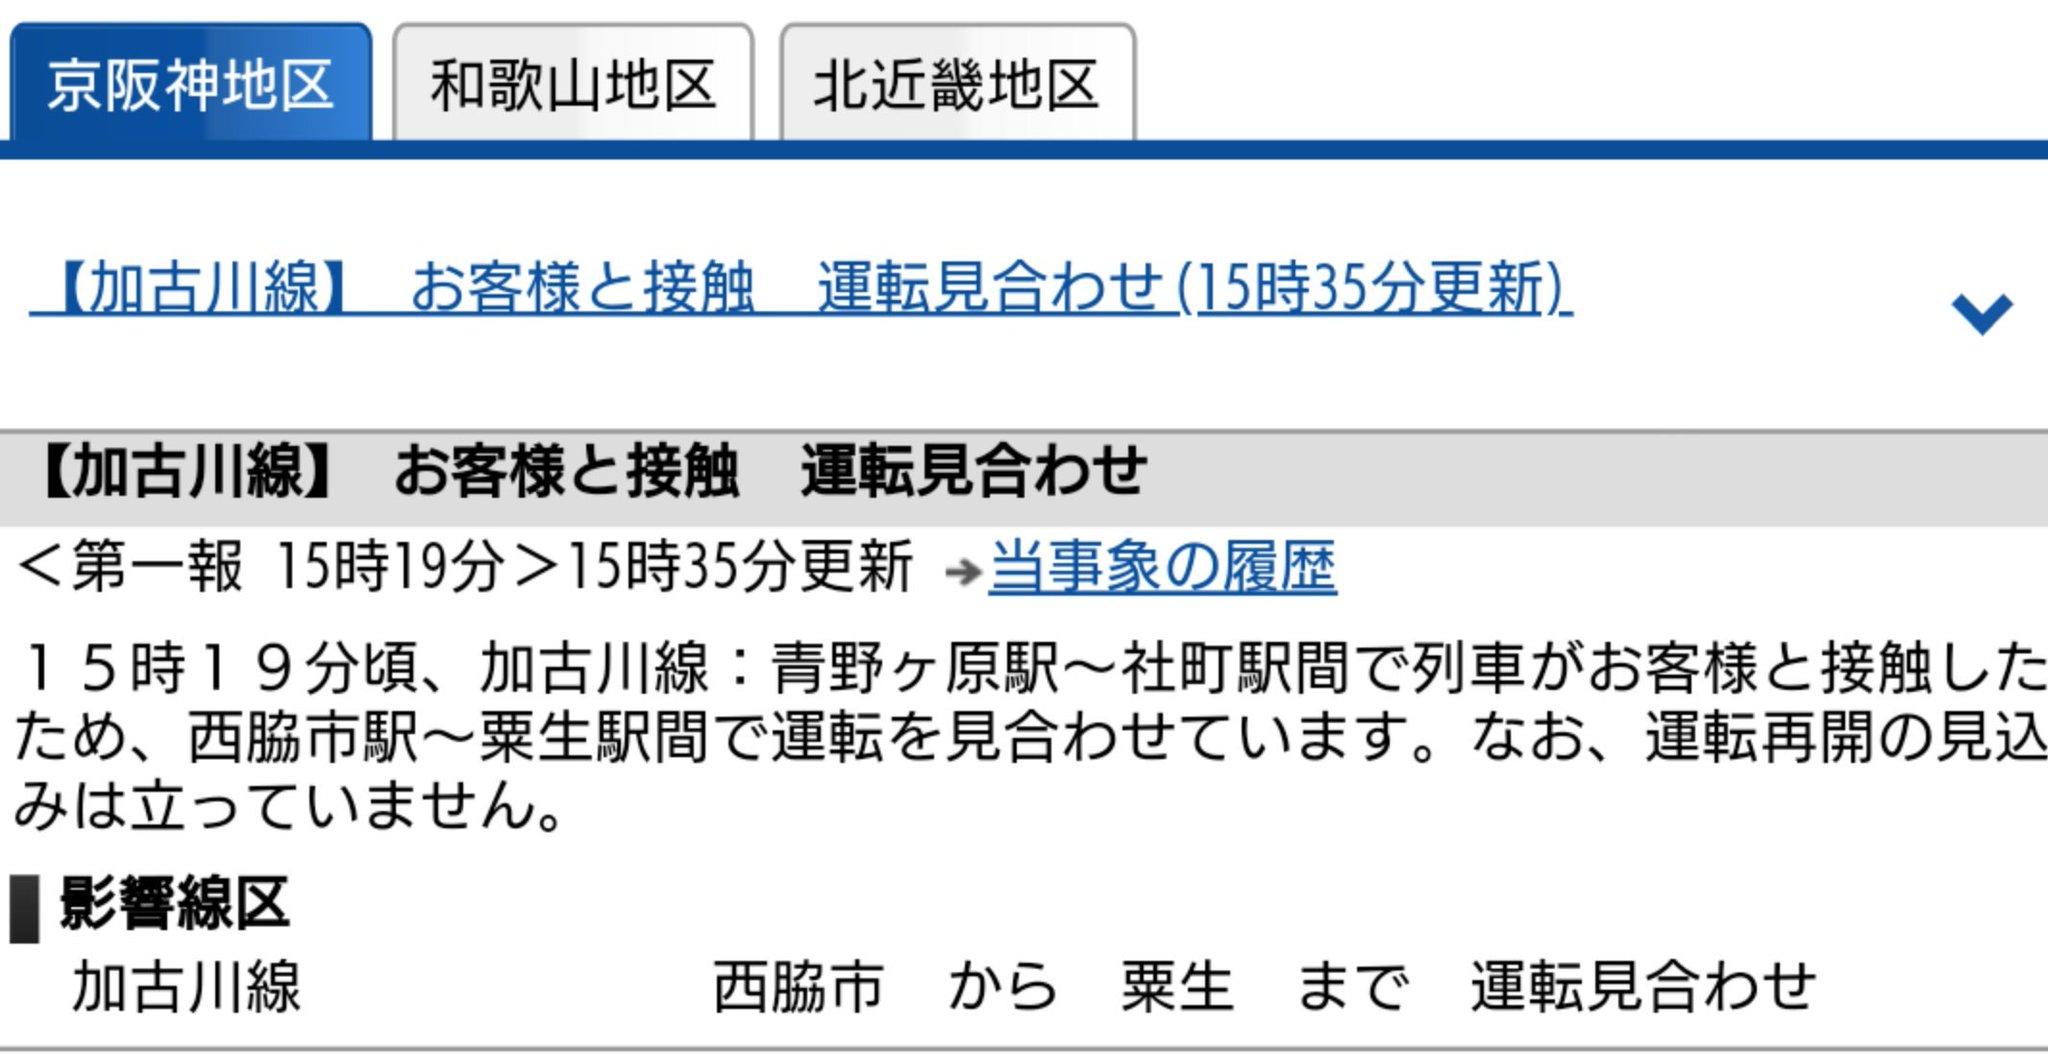 画像,加古川線人身事故…🤔 https://t.co/uJ2JGxmcUi。